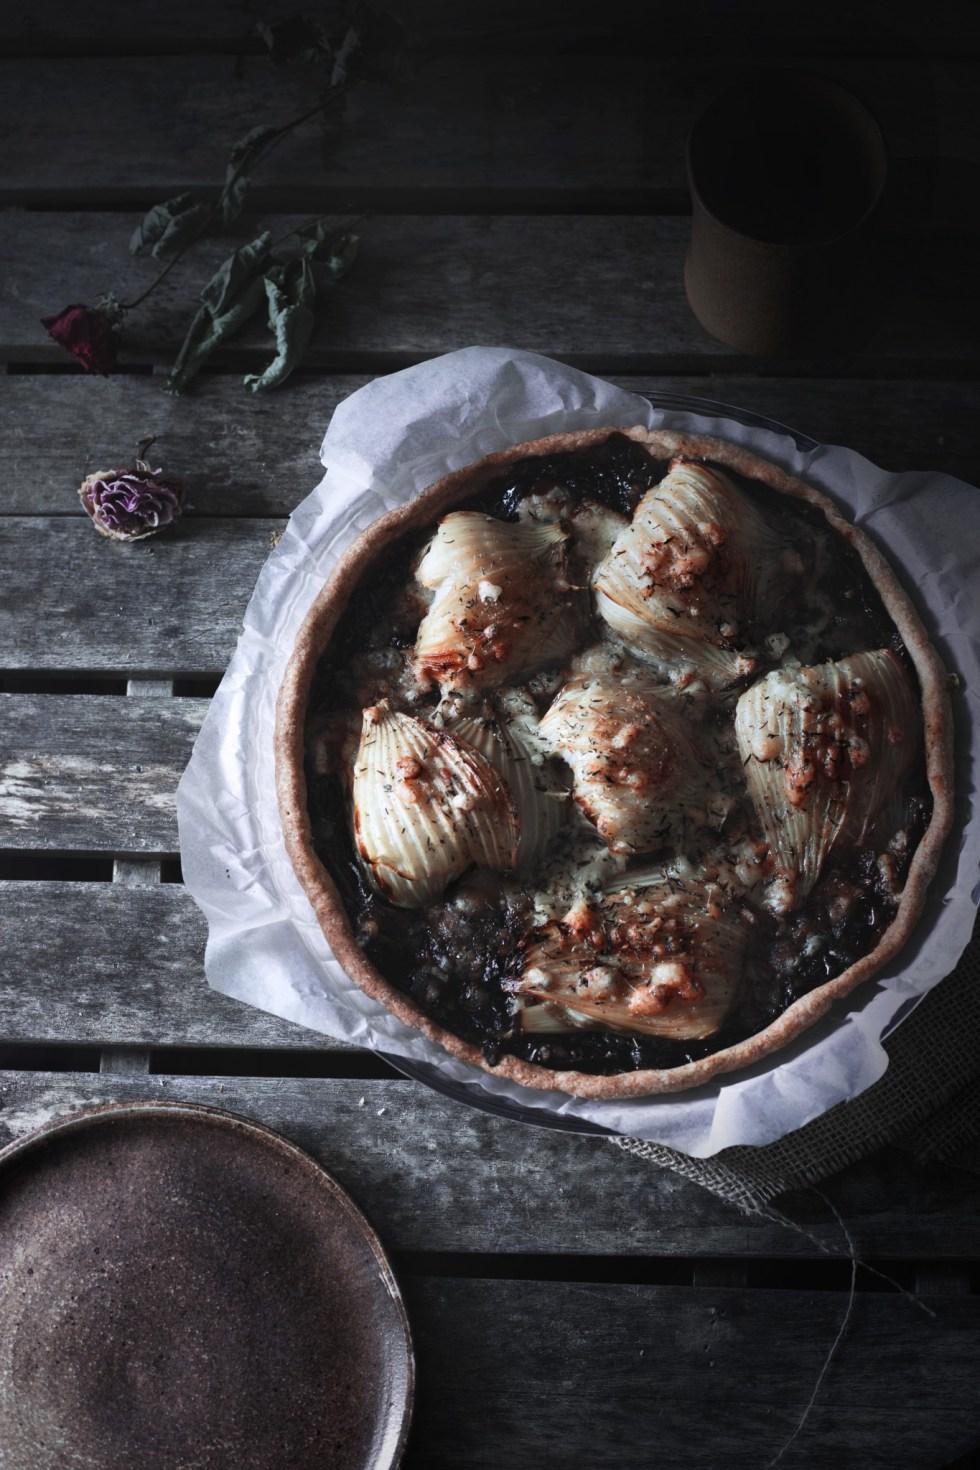 tarte, fenouil, oignons rouges, confit, bleu de brebis, fromage, Pyrénées, montagnes, gratiné, mai, printemps